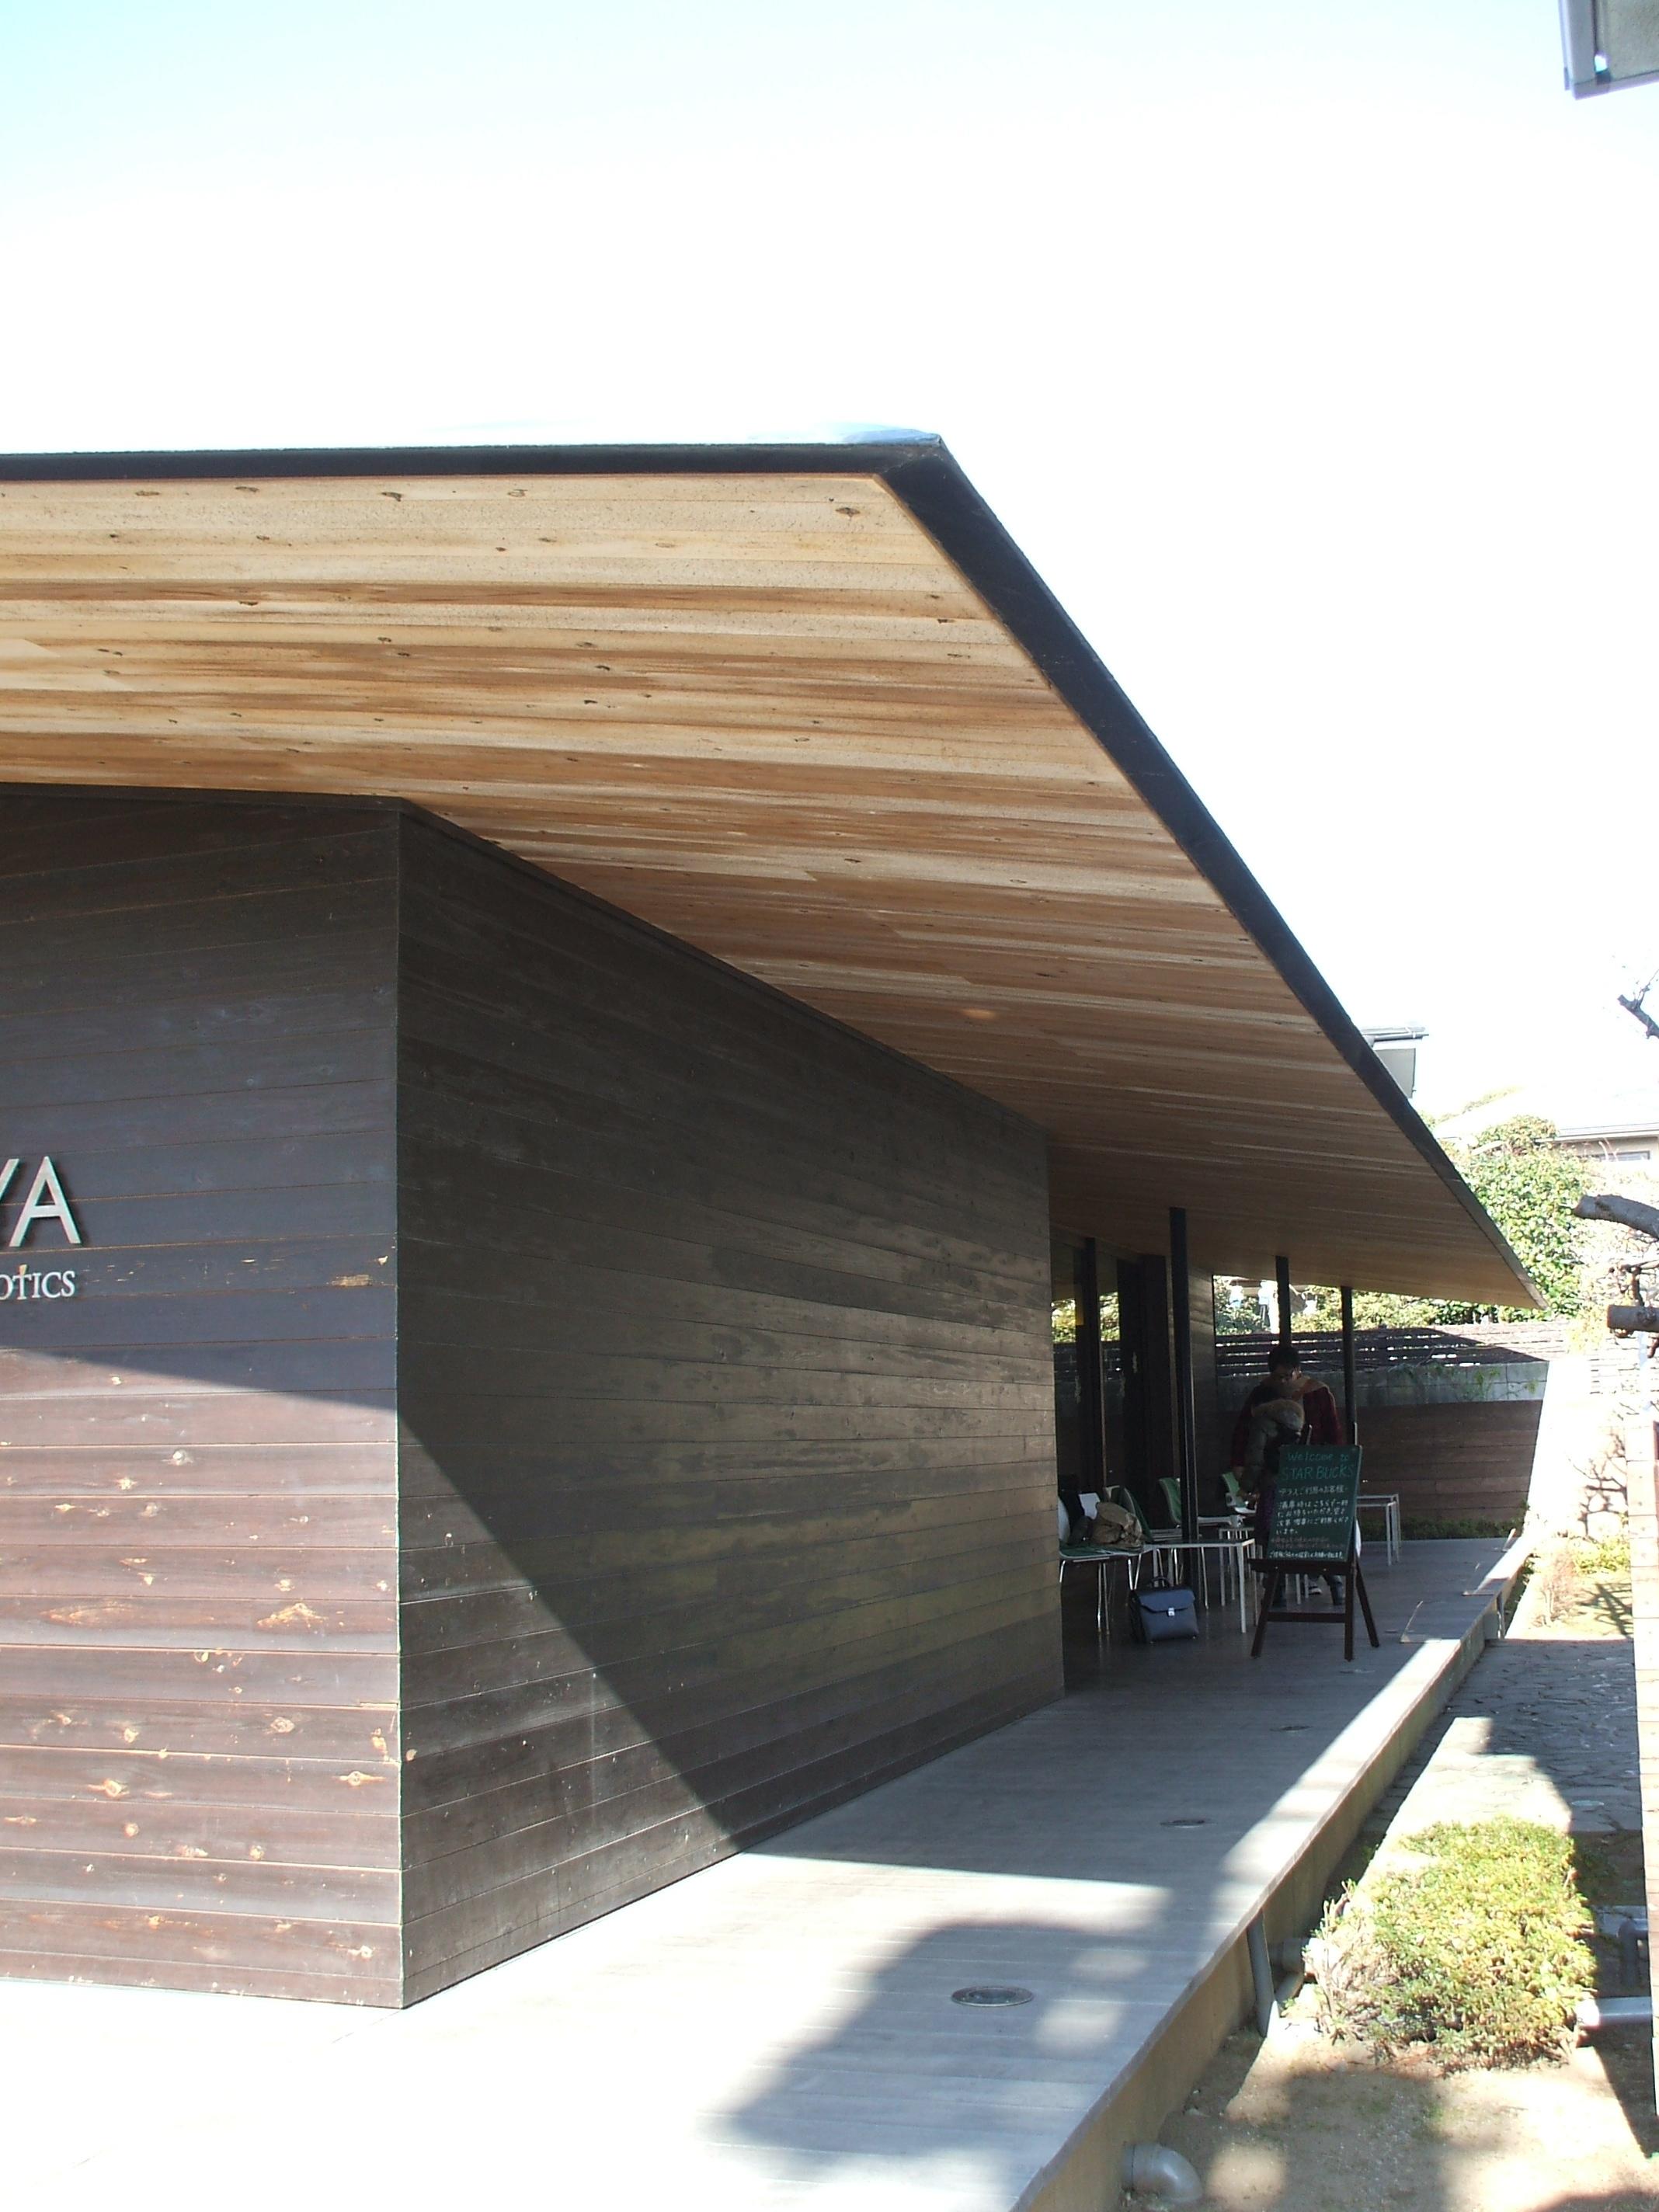 プライベートプールのある家2009年12月鎌倉お勧めカフェ チャヤマクロビティック&スターバックス新国立劇場の水盤 オペラシティツリー世界のプール 家のすぐそばのプール こんなにそばで。。。。まだ間に合う?年末年始のリゾート紹介温水プールがお好き                 prosperdesign1